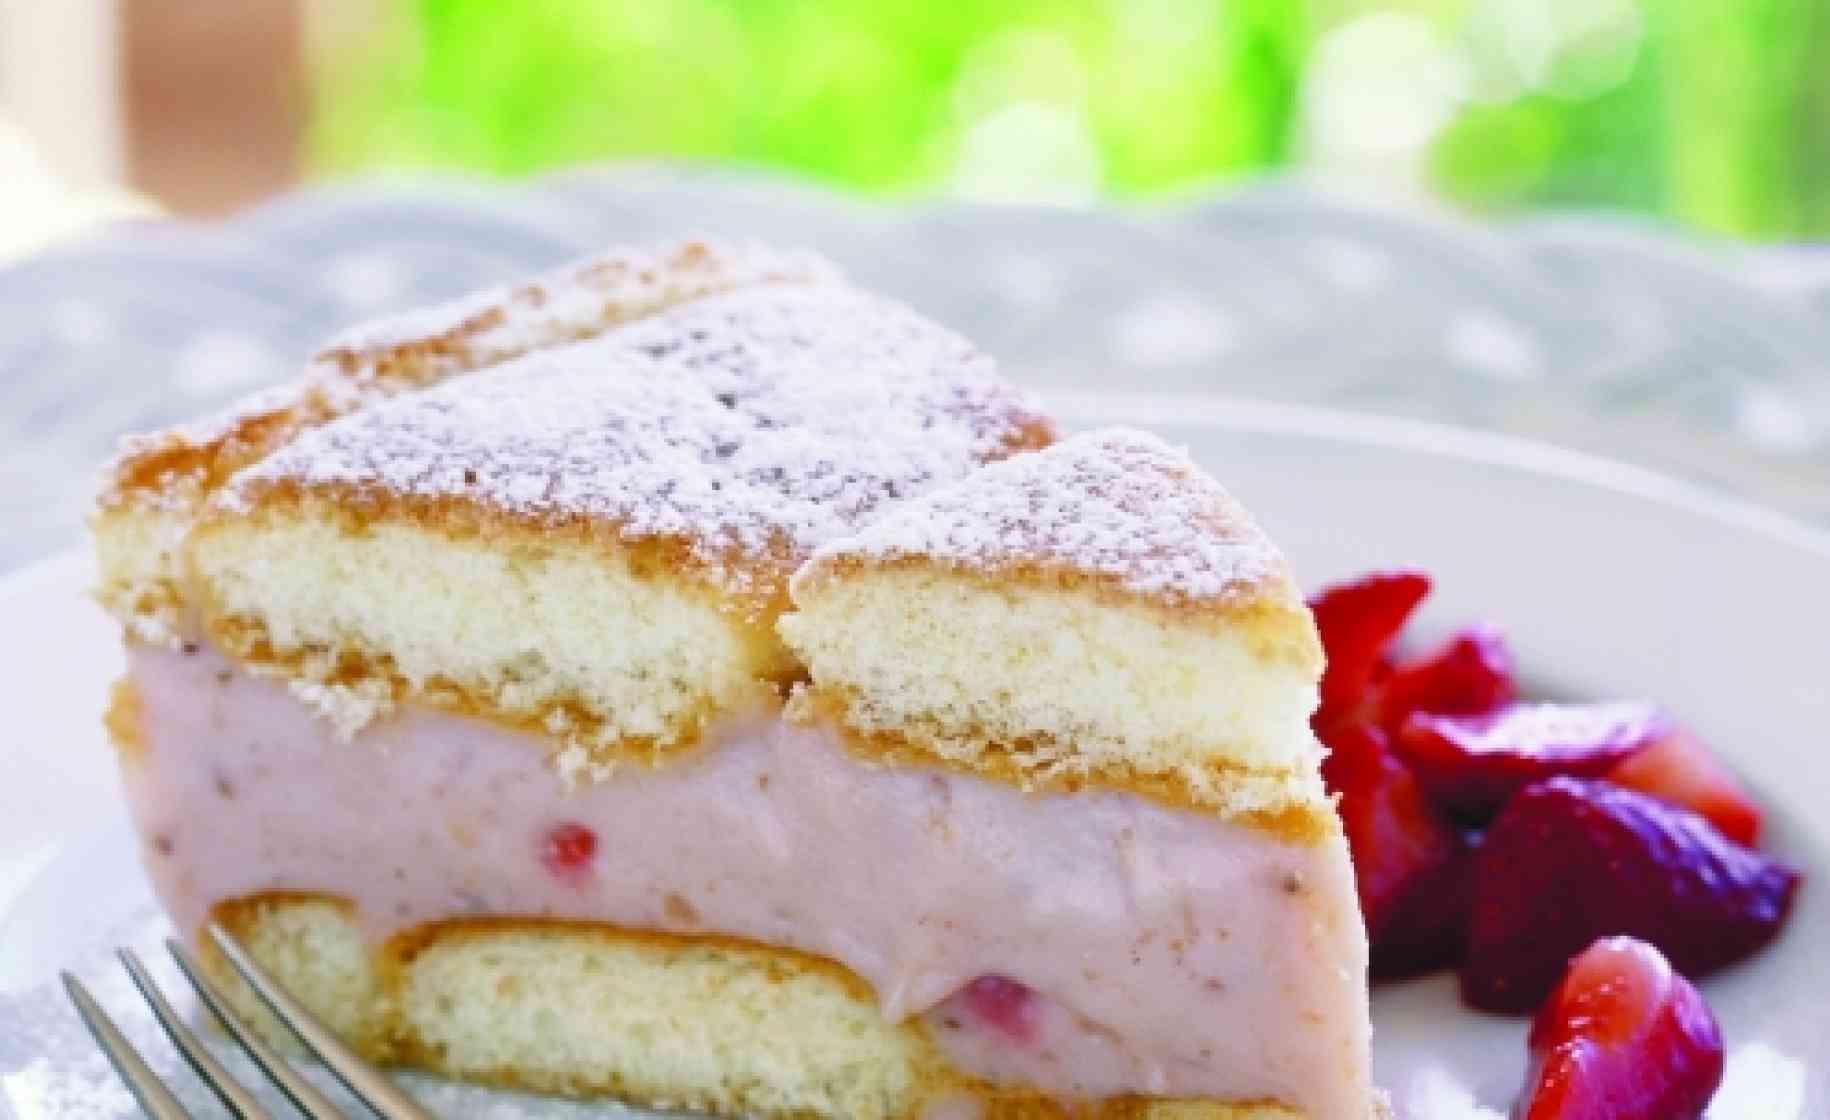 Γλυκο ψυγειού με φράουλα και λευκή σοκολάτα